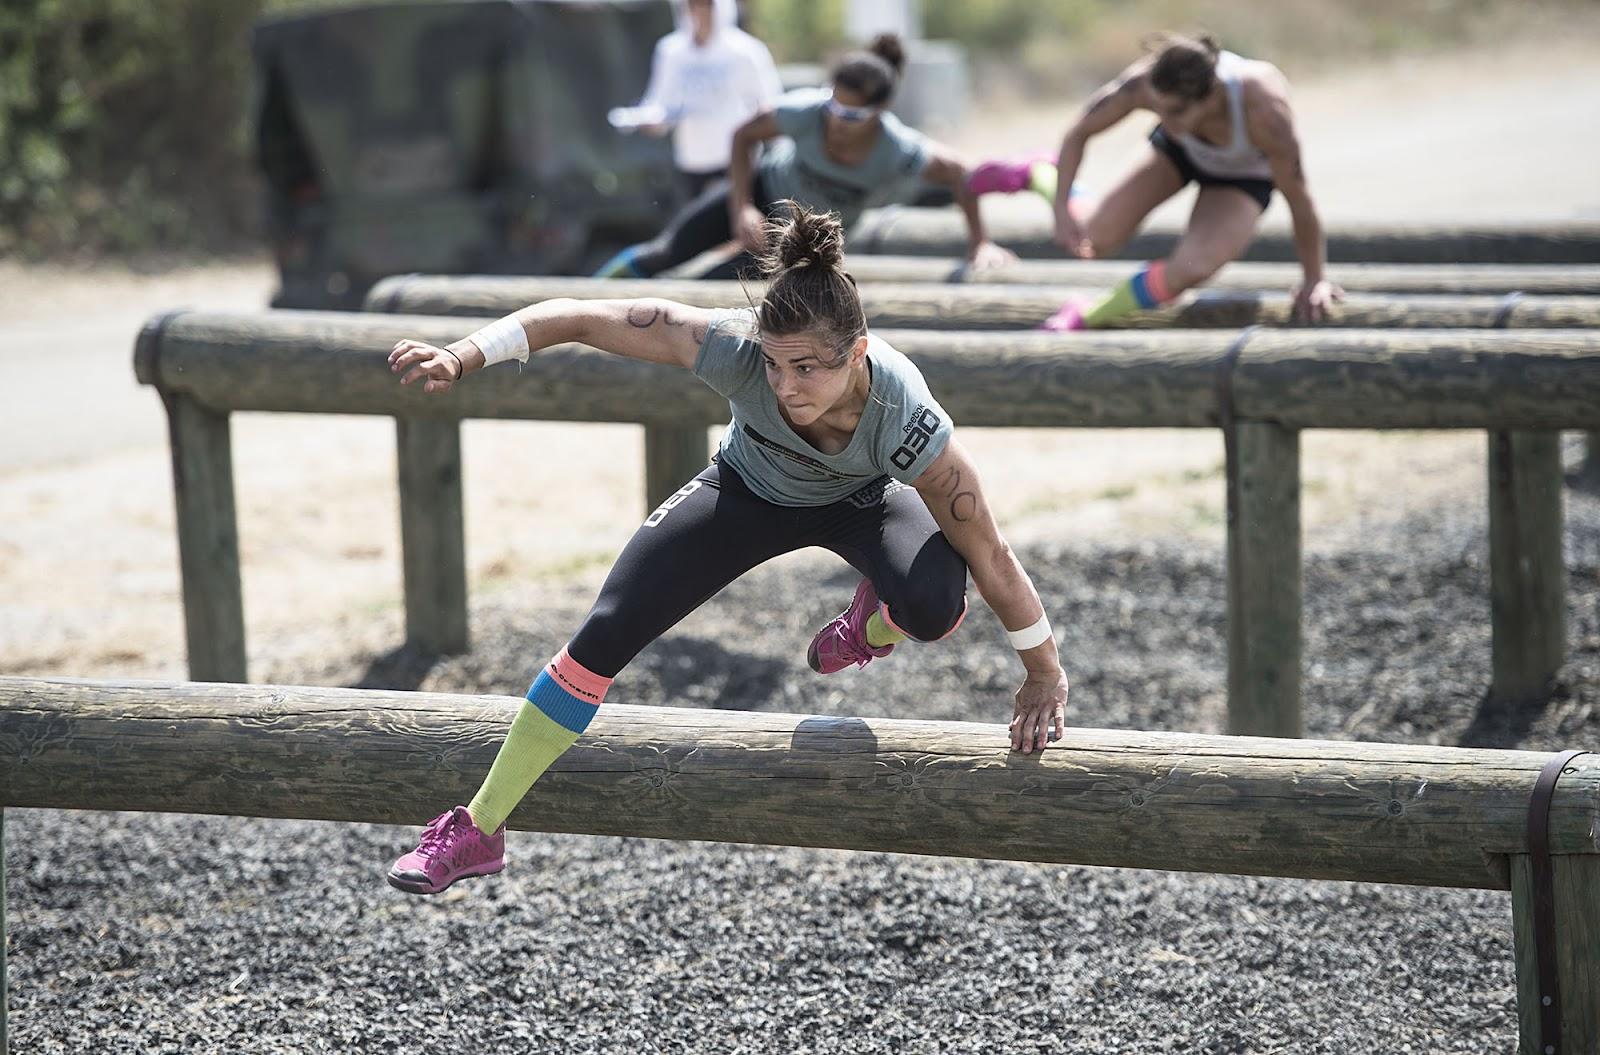 Le Guide du CrossFitter pour les Courses d'obstacles (Partie 1)